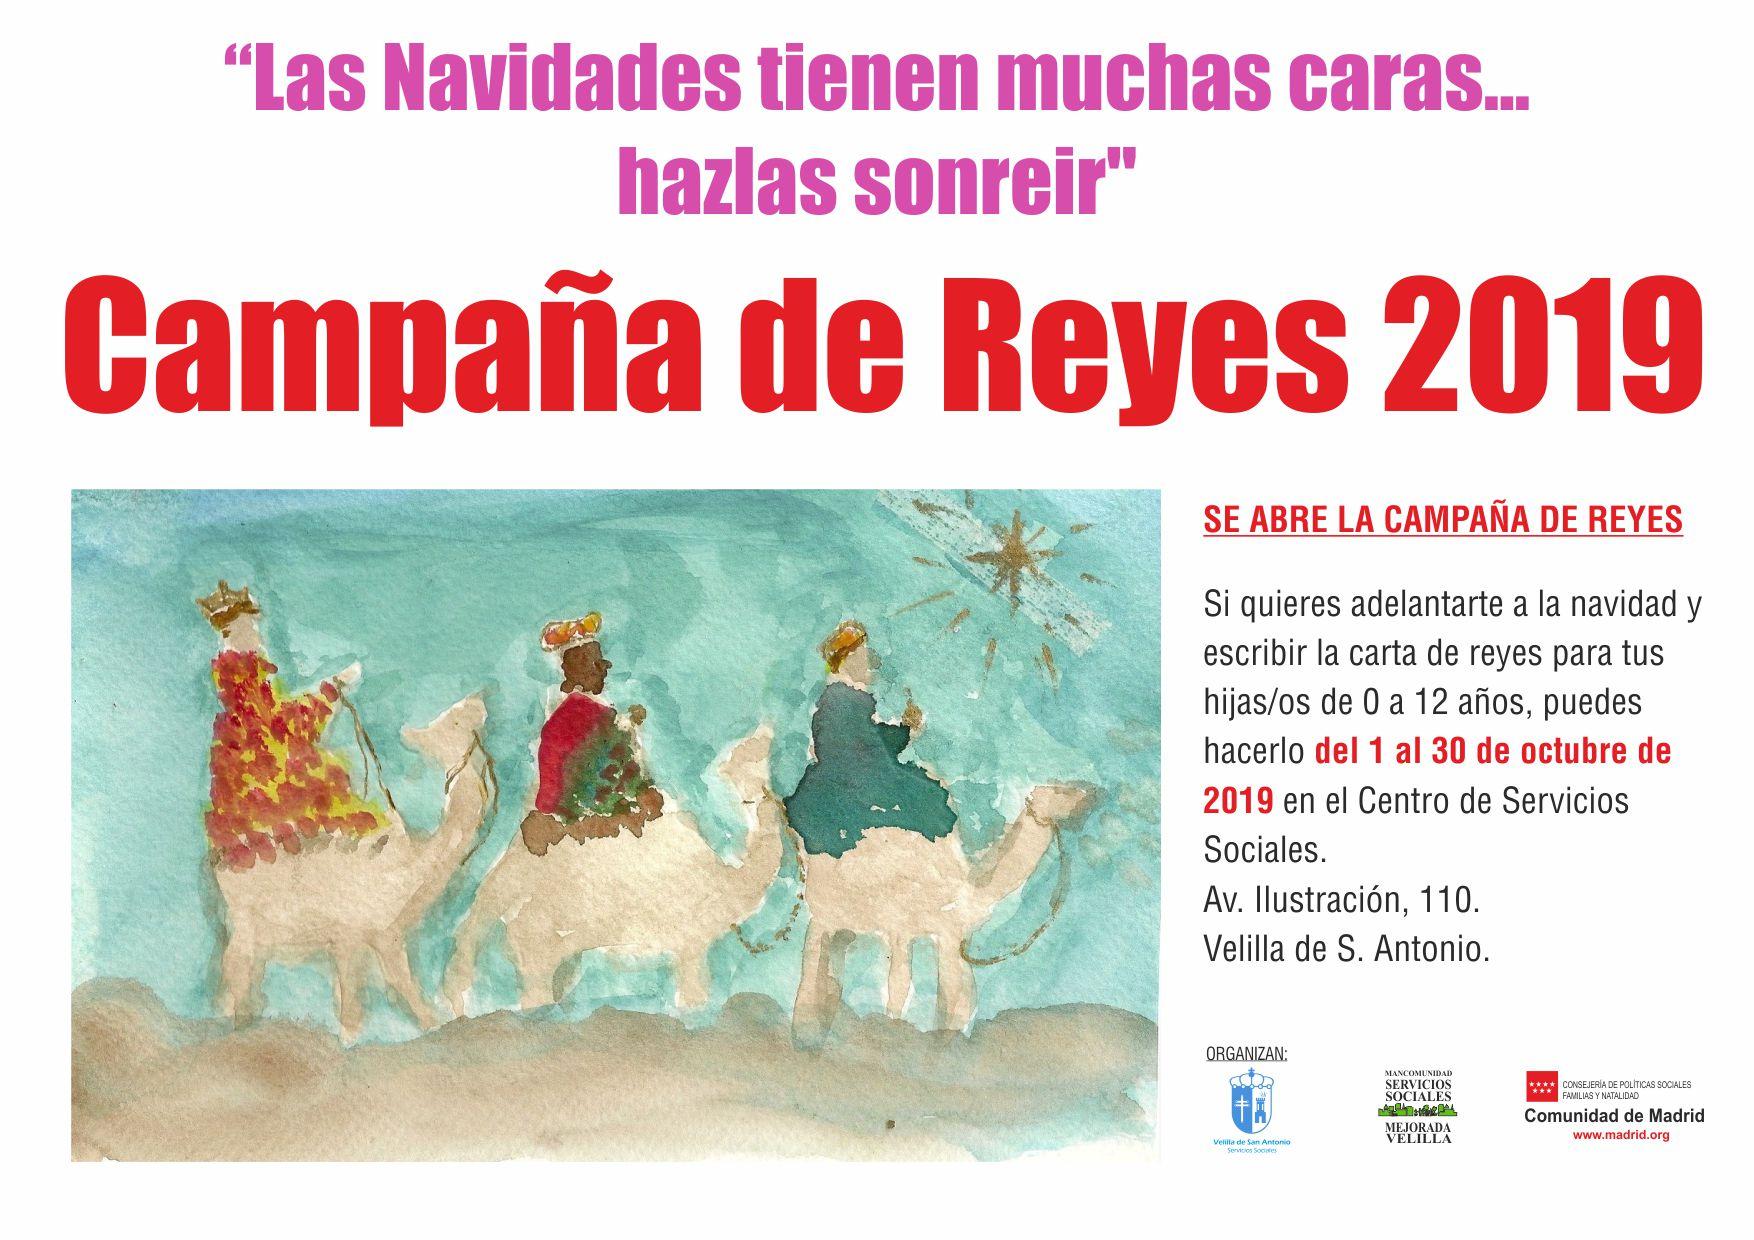 Campaña de Reyes 2019